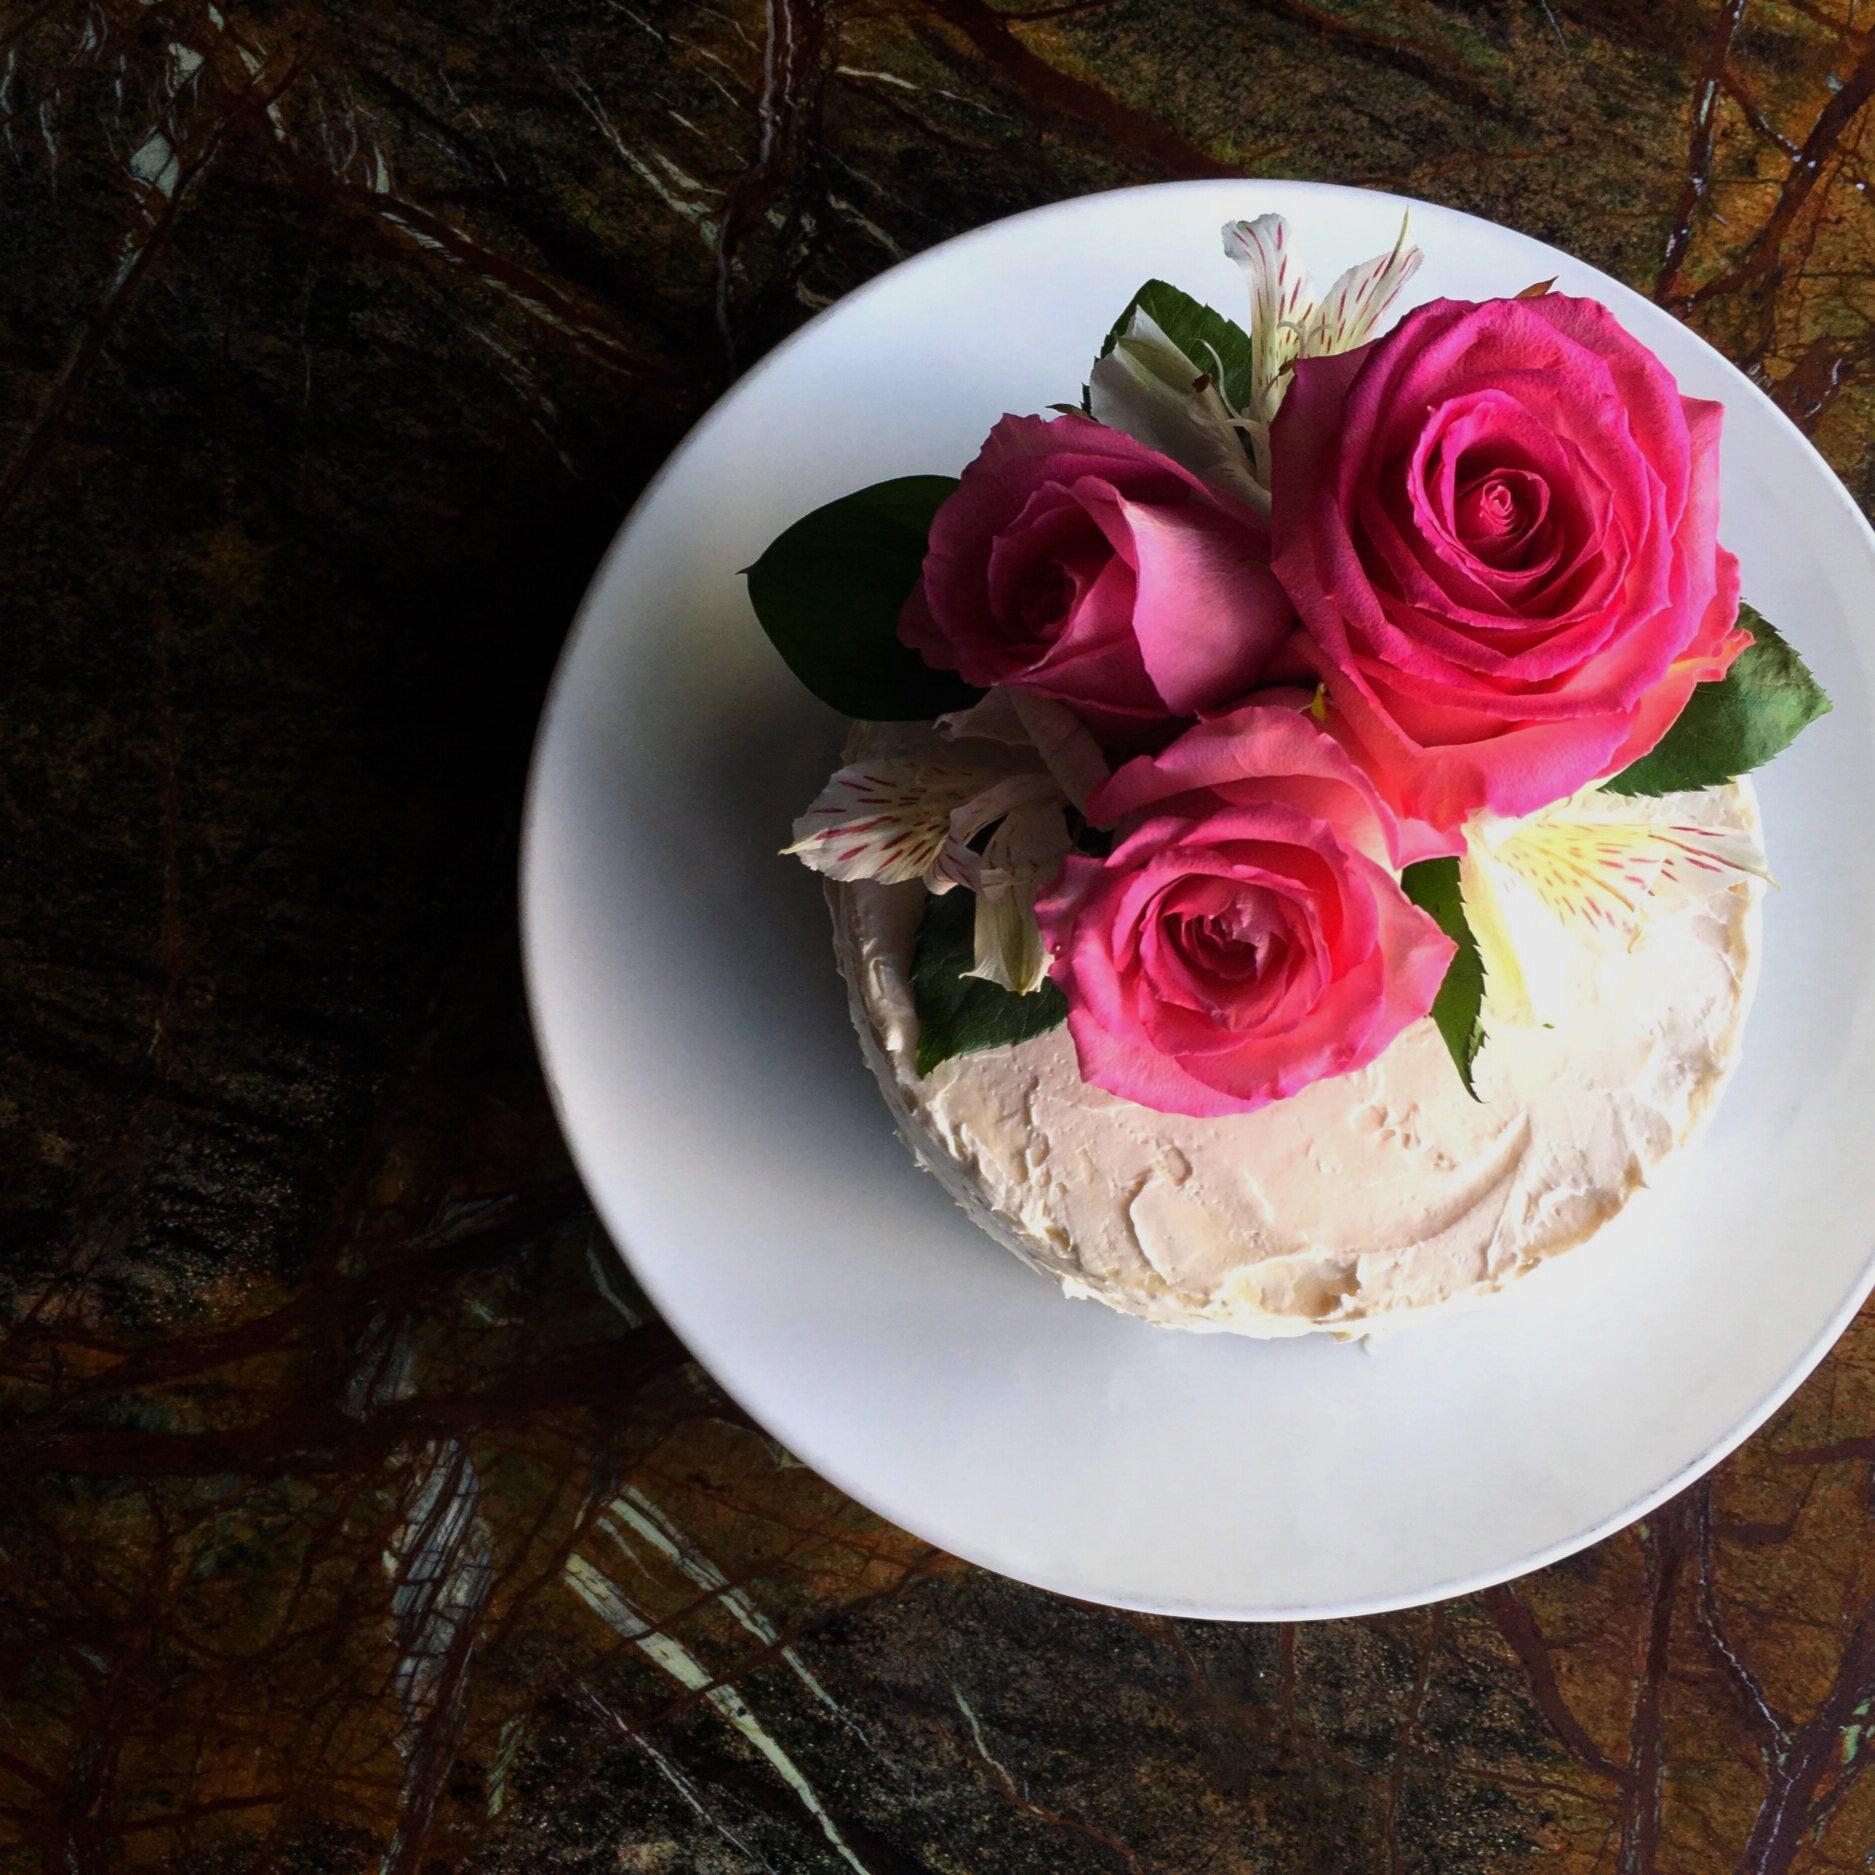 SOM_Cake_PinkRoses.jpg